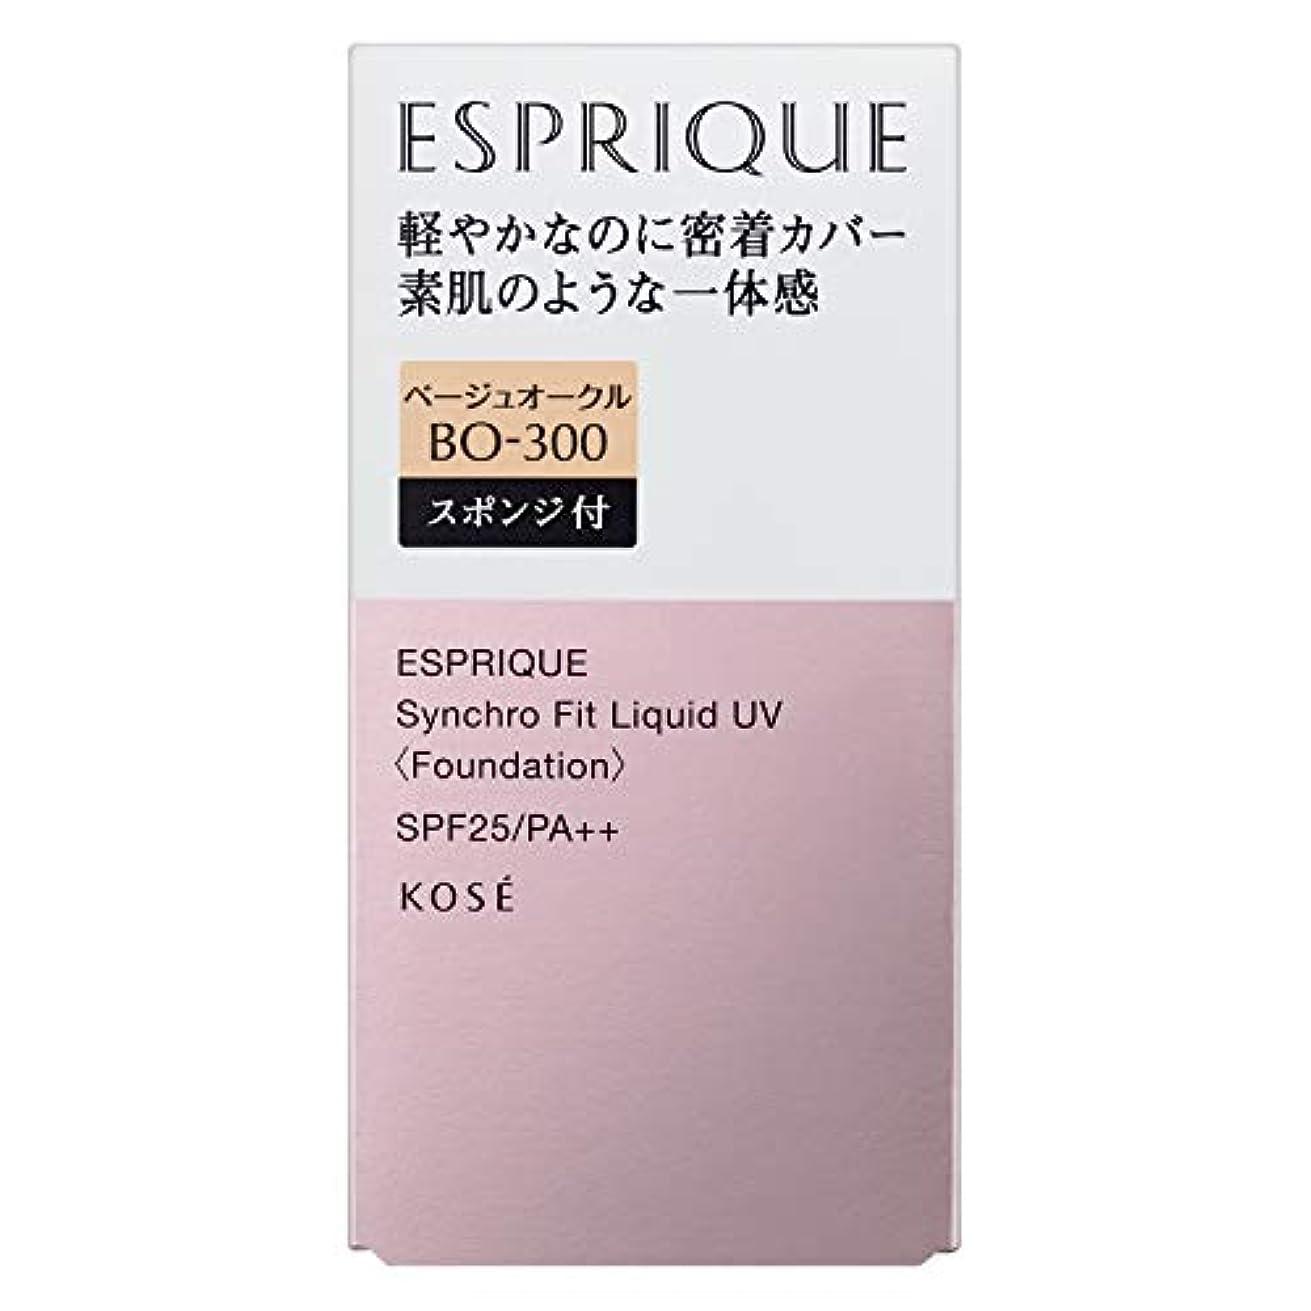 甘美な多数の災難ESPRIQUE(エスプリーク) エスプリーク シンクロフィット リキッド UV ファンデーション 無香料 BO-300 ベージュオークル 30g